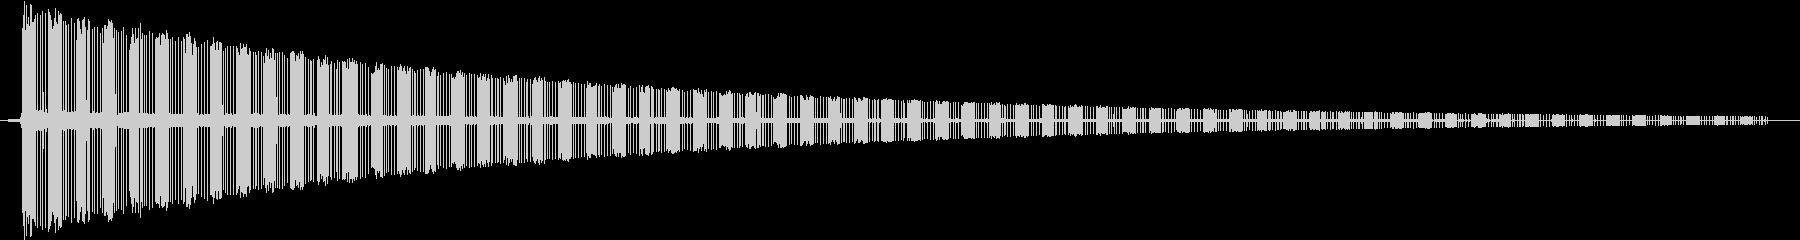 ヂューーーーーーーーーーン です。の未再生の波形